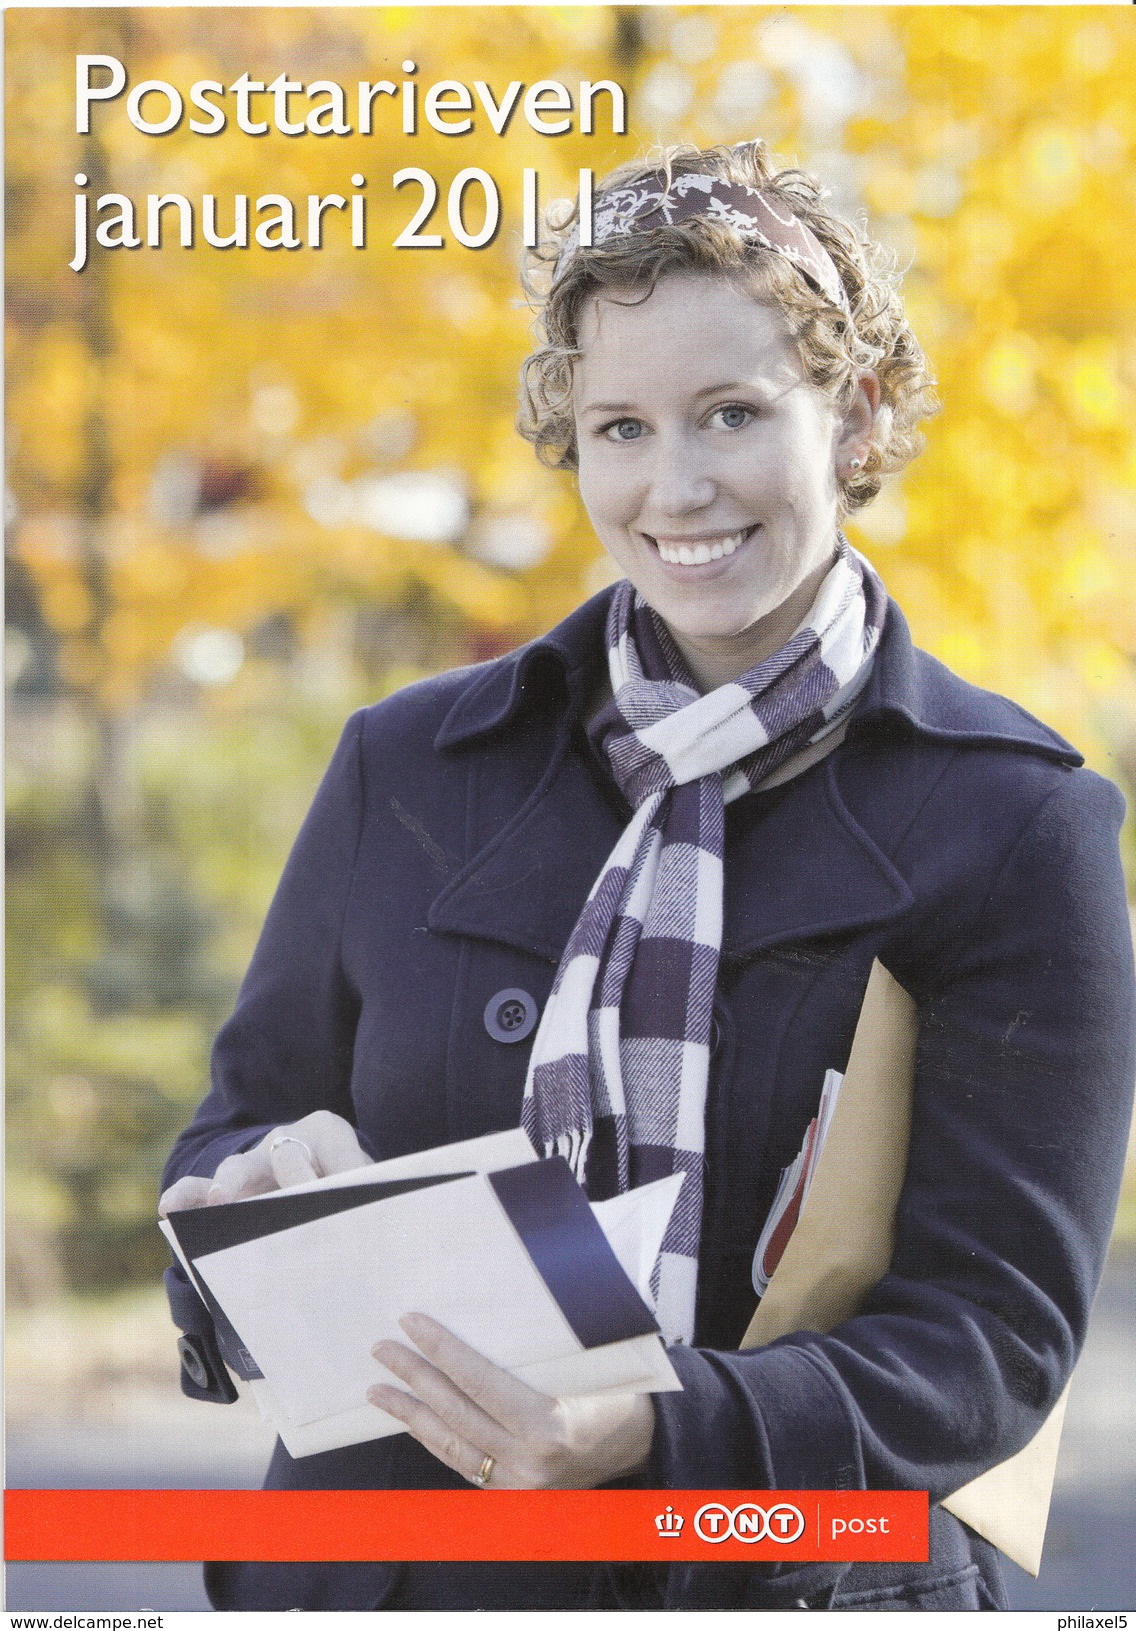 Nederland - TNT Post - Brochure Tarievenlijst Januari 2011 - 6 Pagina's - Nieuw Exemplaar - Tarifa De Correos